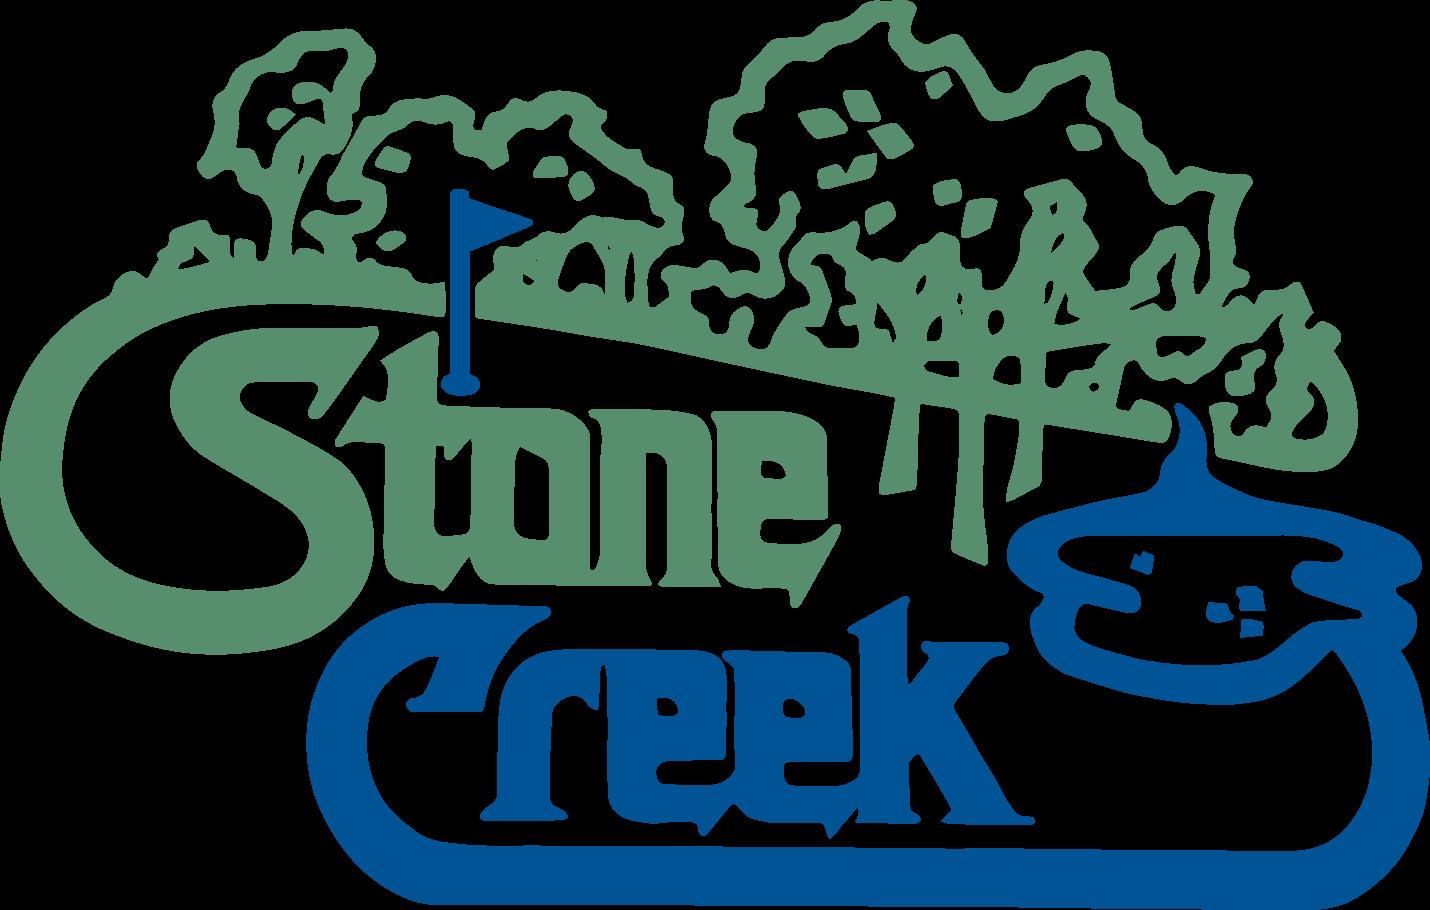 stone creek valdosta logo